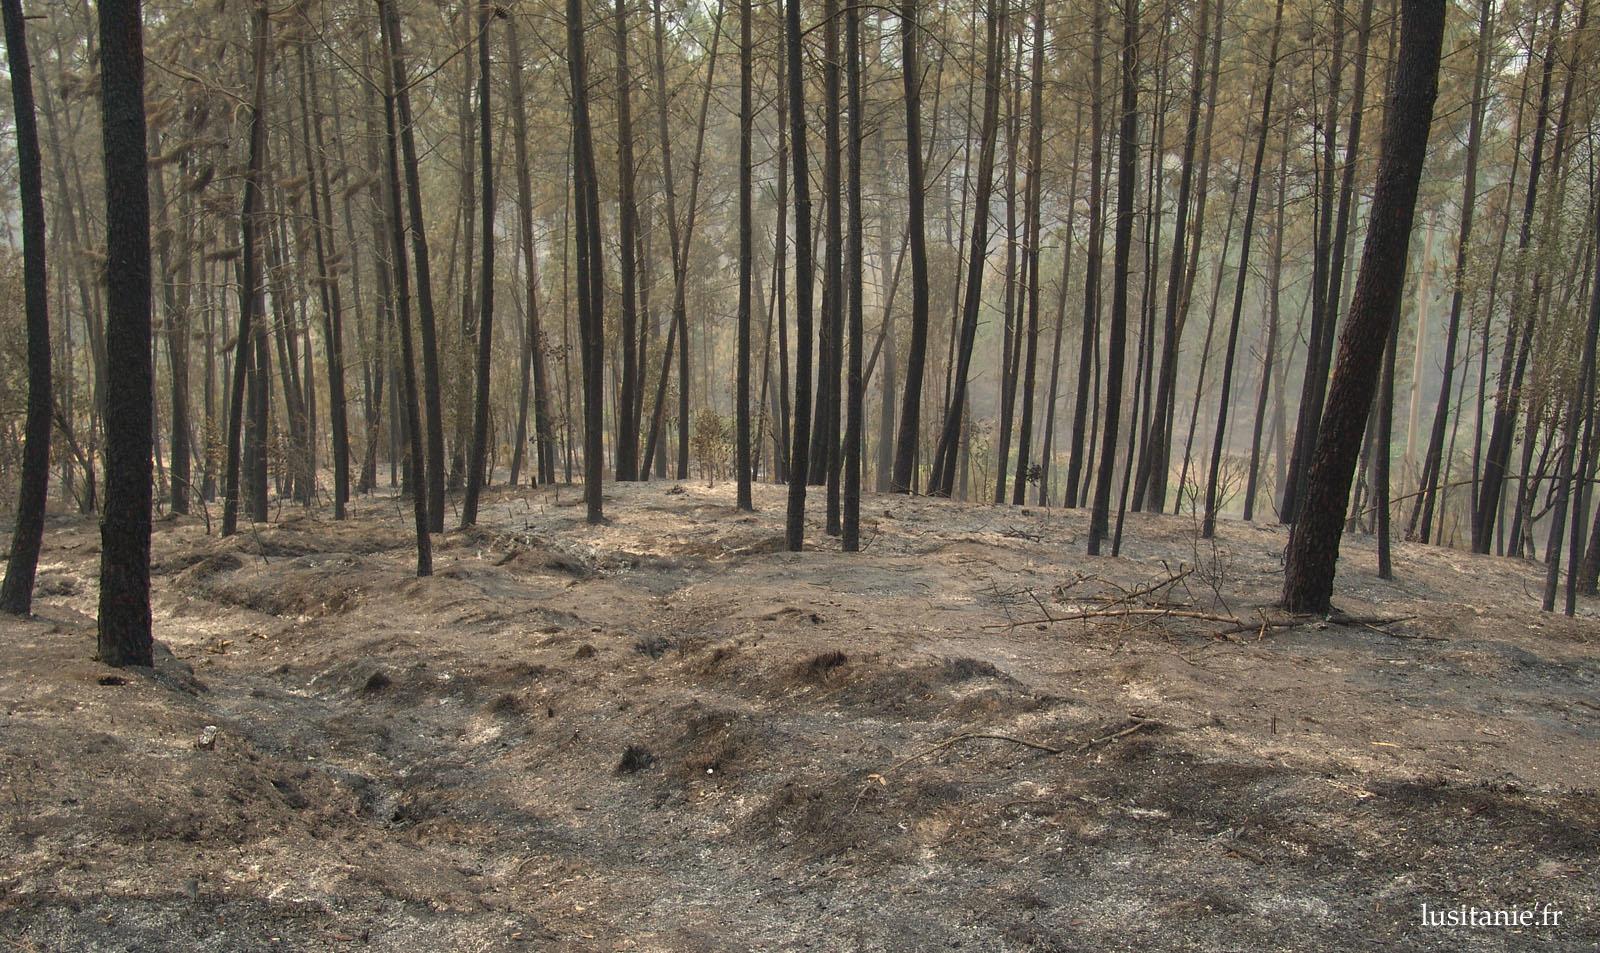 Le Pinhal de Leiria, après les incendies d'octobre 2017